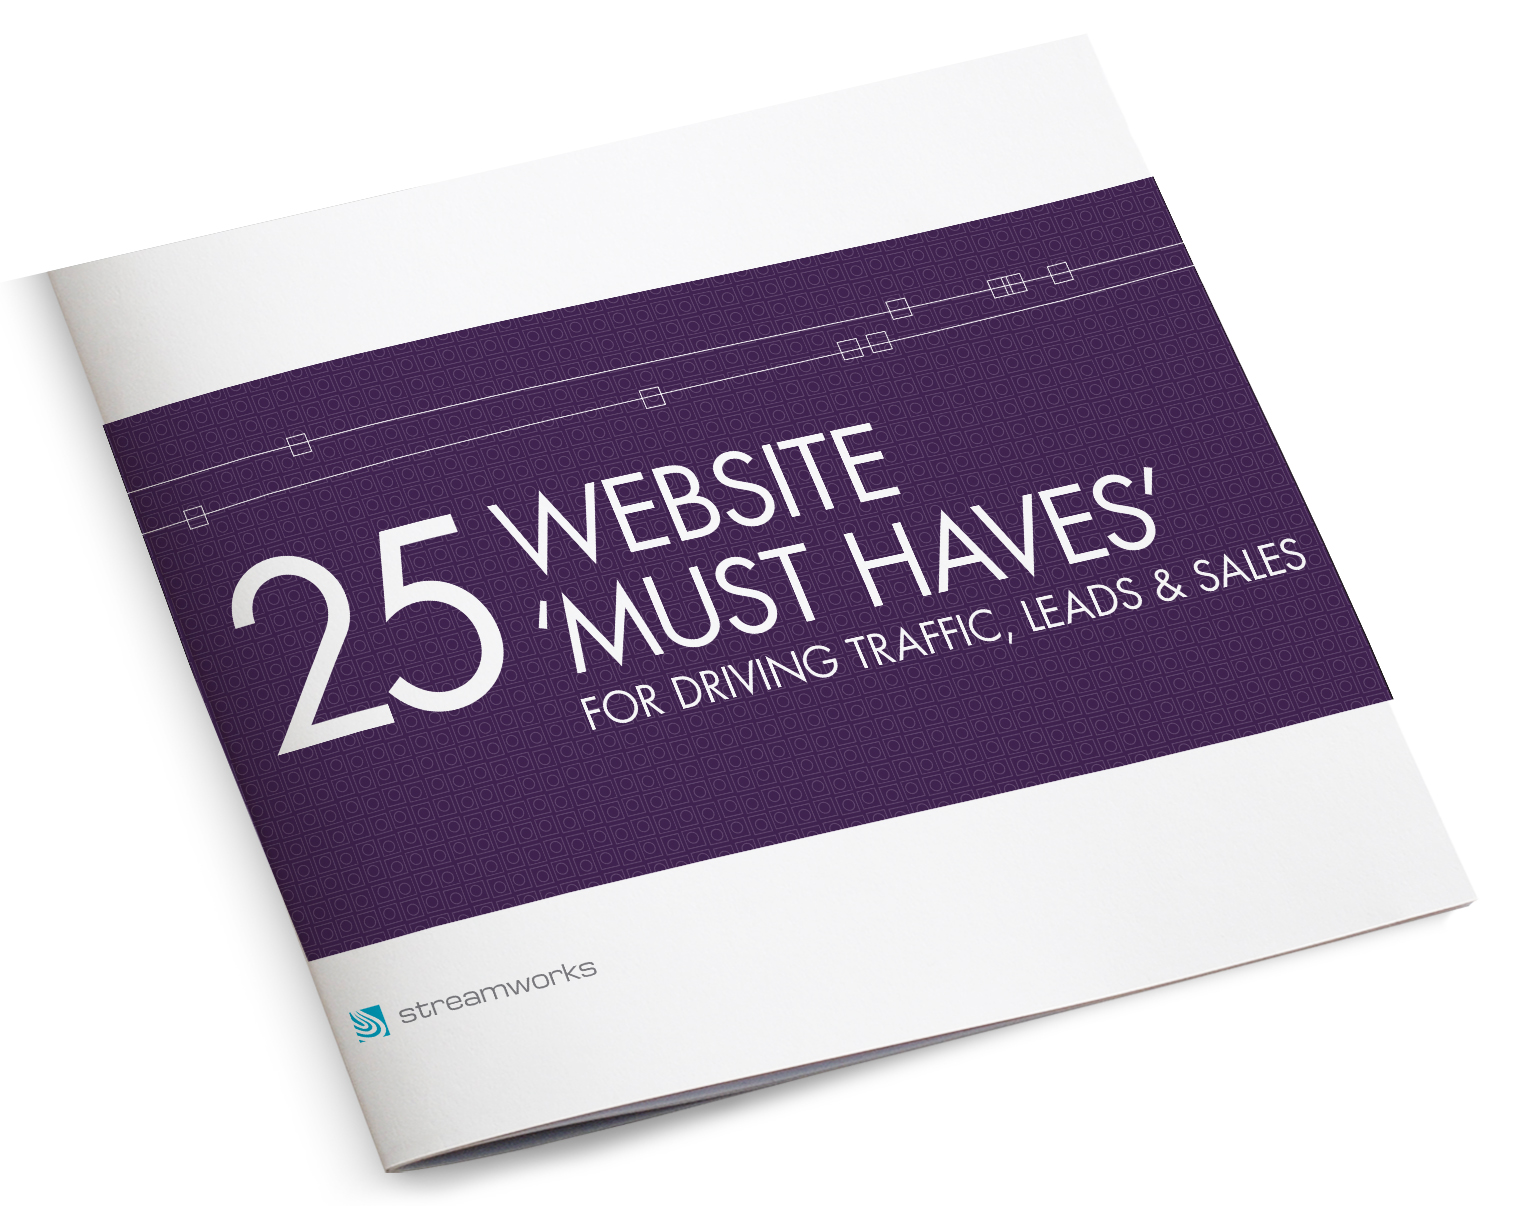 25_Website_Must_Haves.jpg